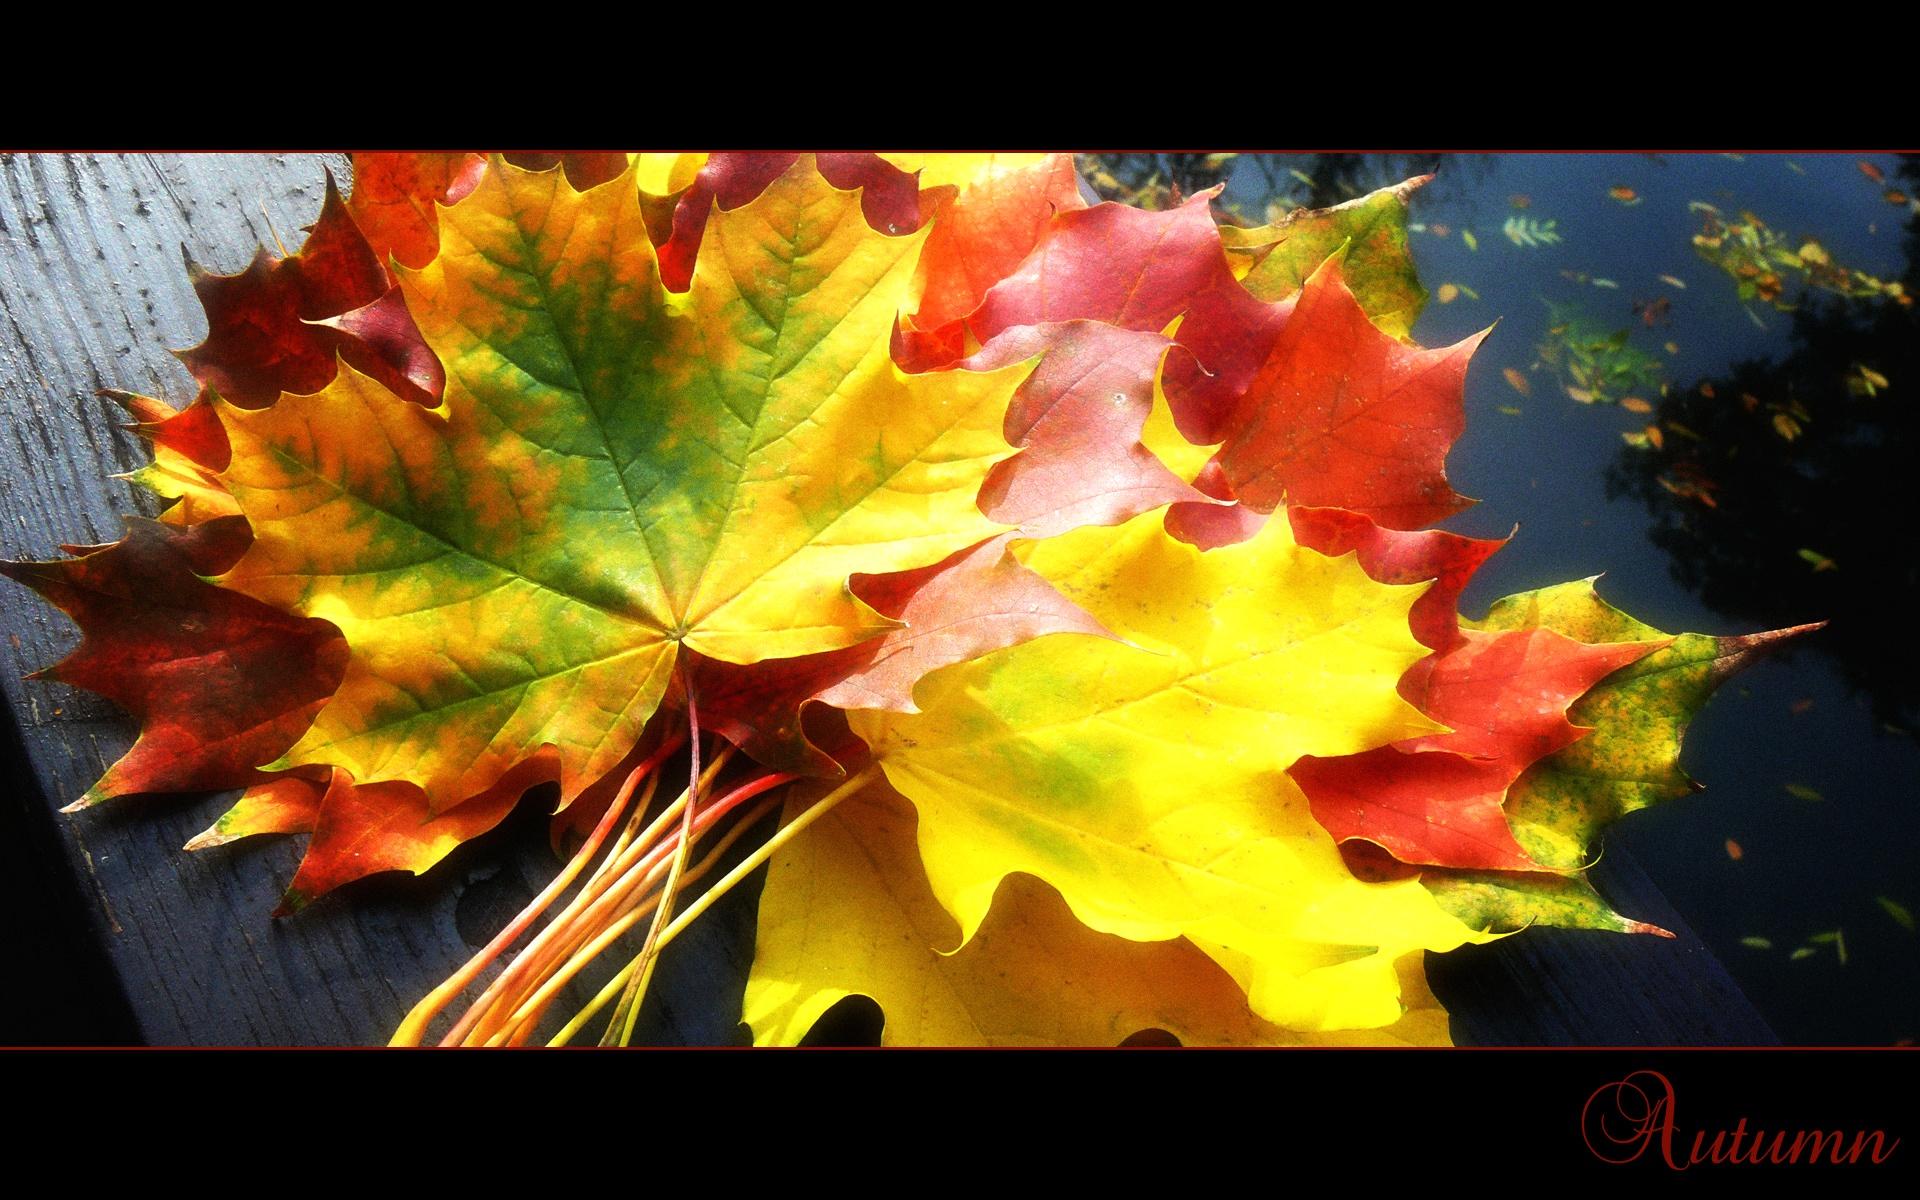 букет кленовых листьев, осень, осенняя листва, скачать фото